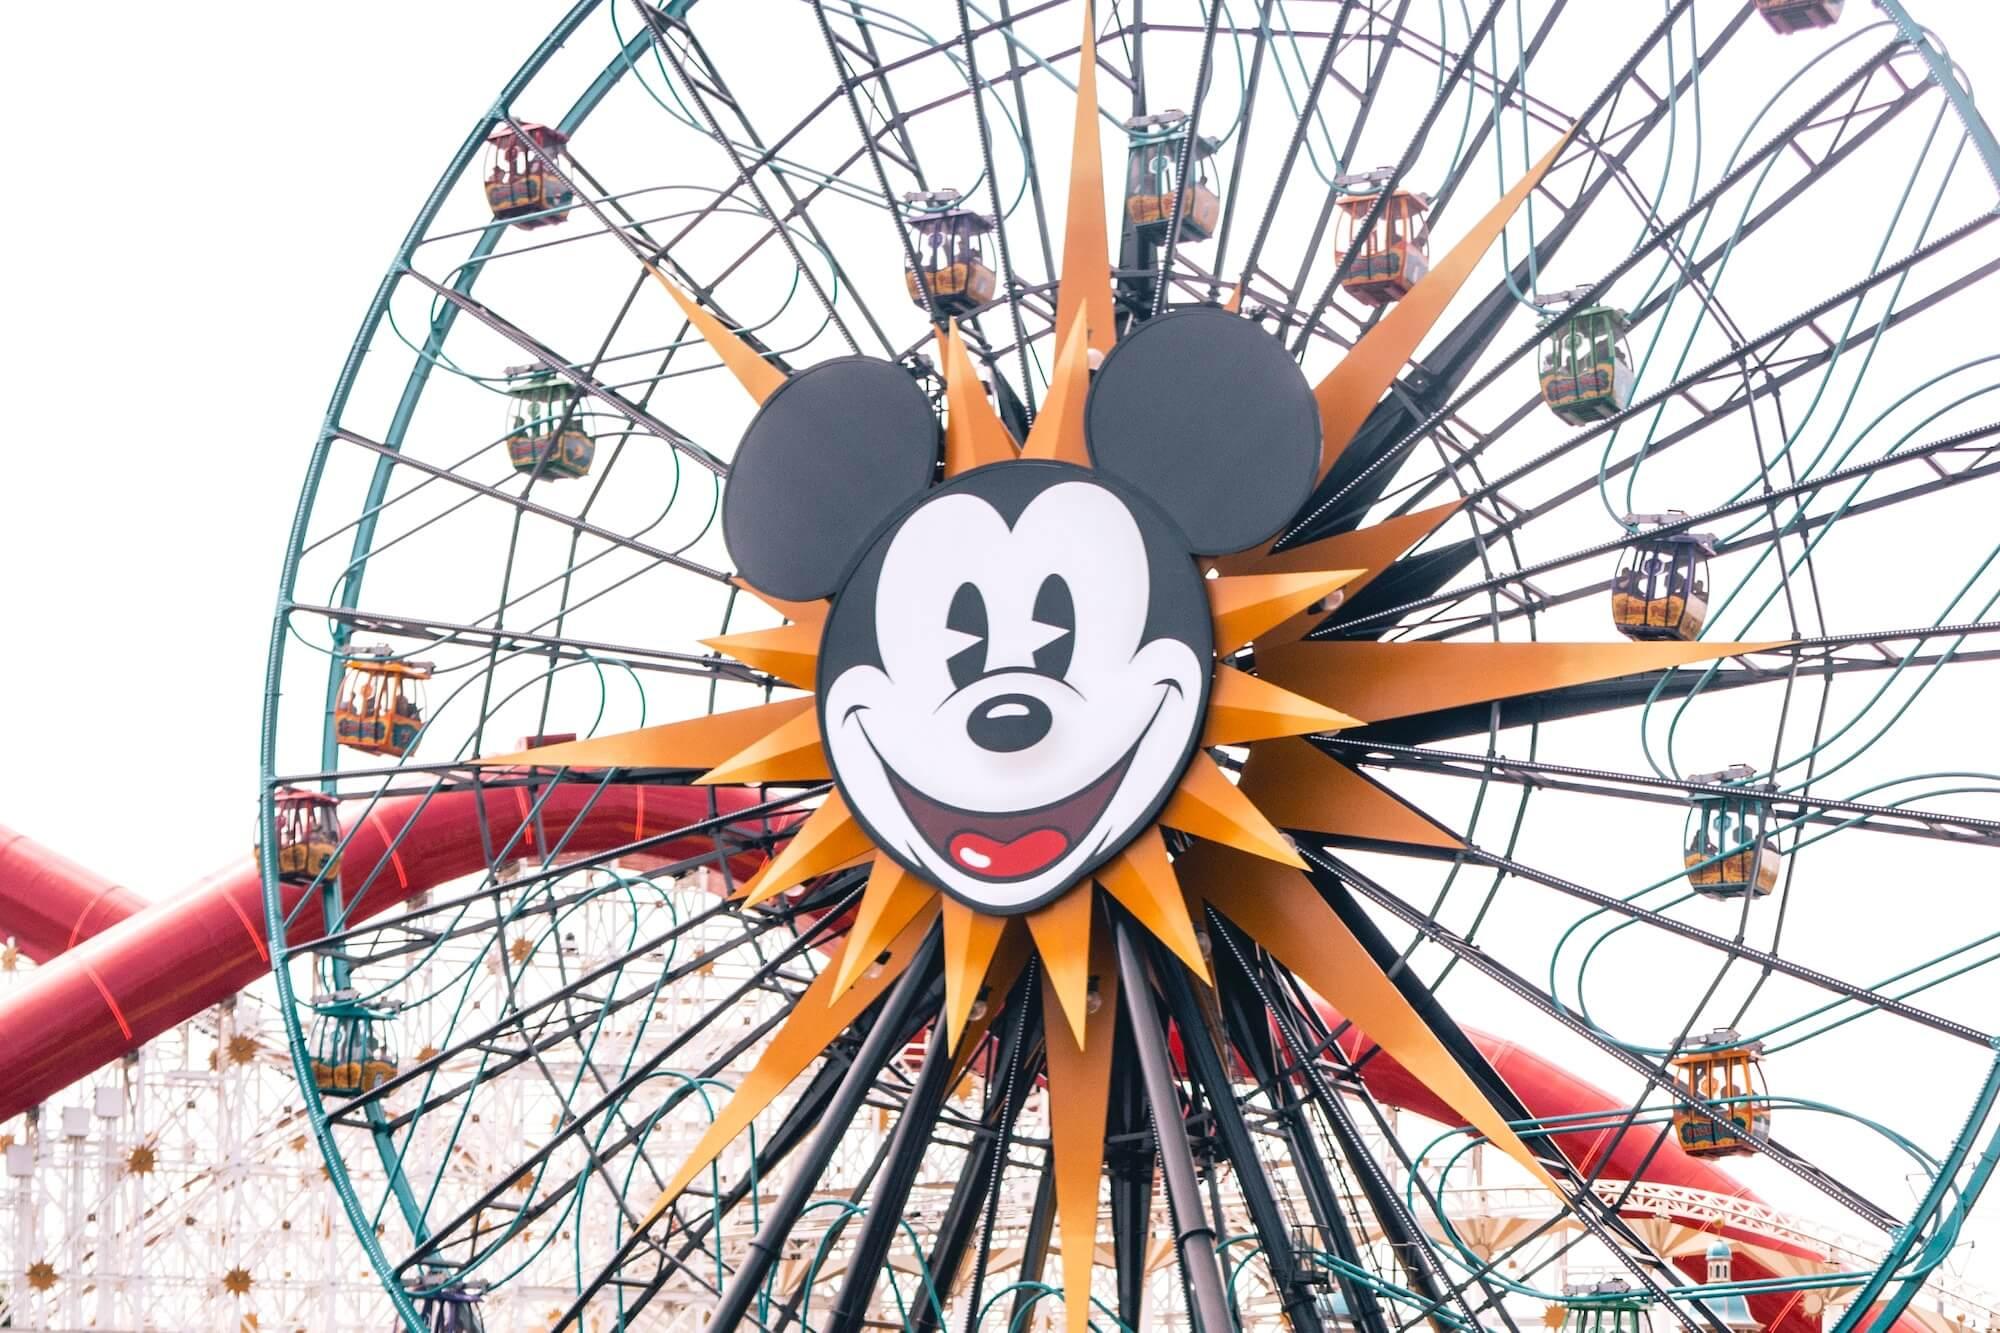 Disneyland Ferris Wheel Anaheim